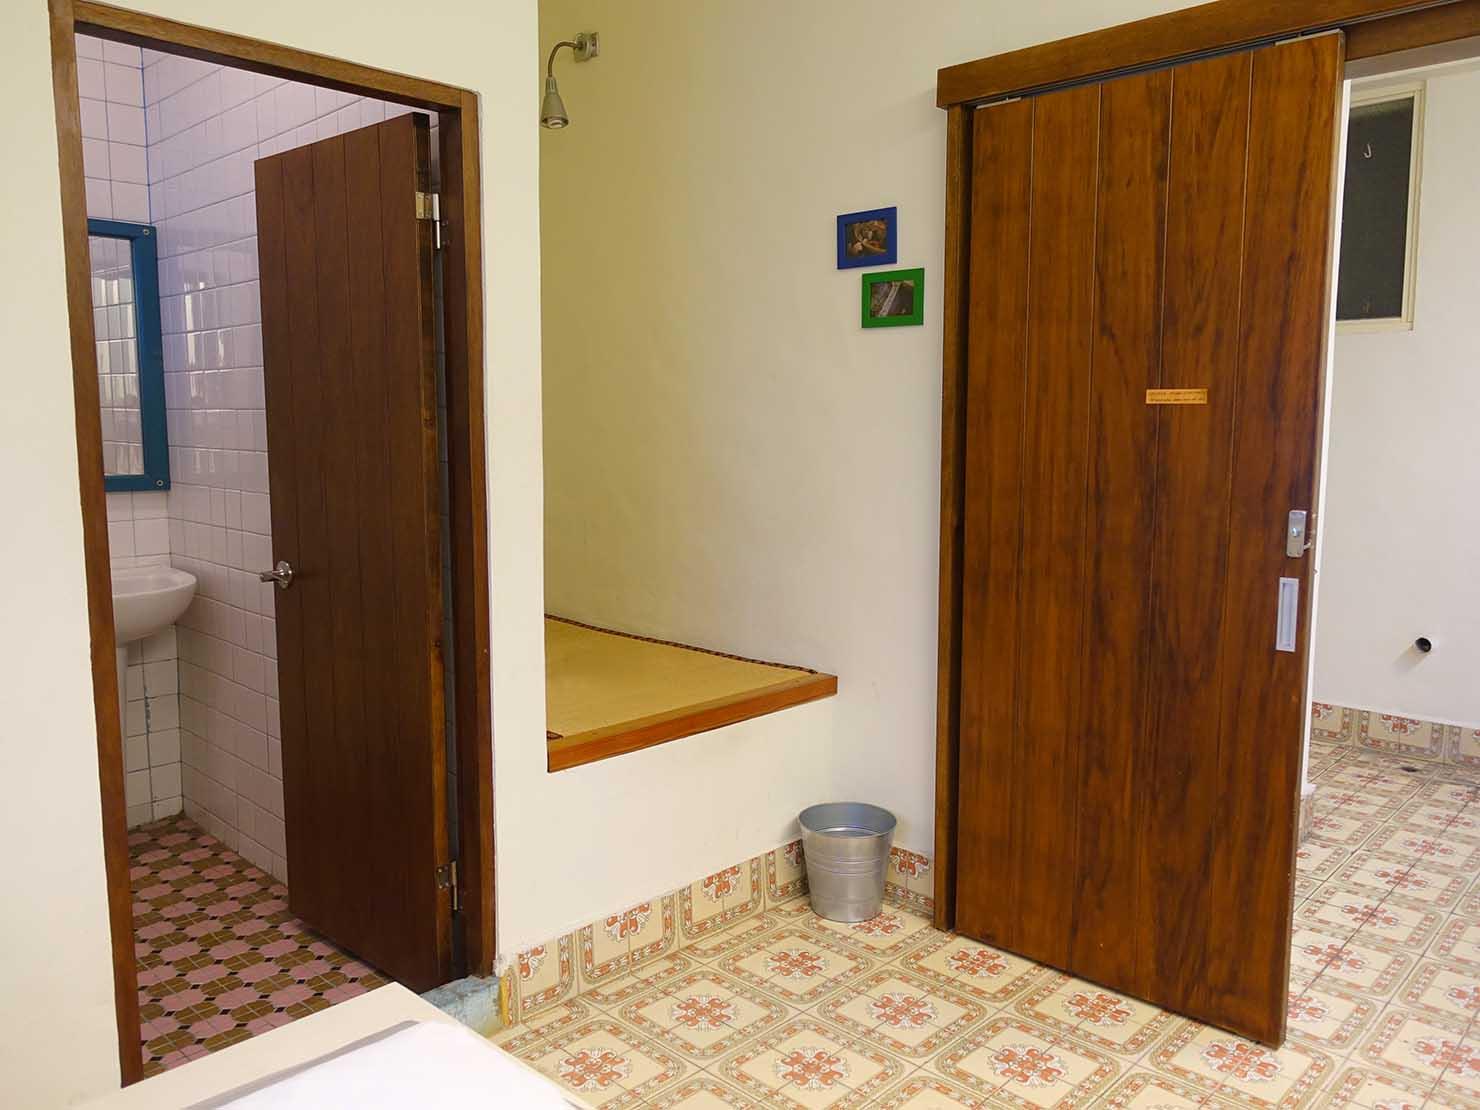 花蓮市街中心部のレトロかわいいおすすめゲストハウス「花蓮日日 Hualien dairy」の單人房(シングルルーム)の畳スペース